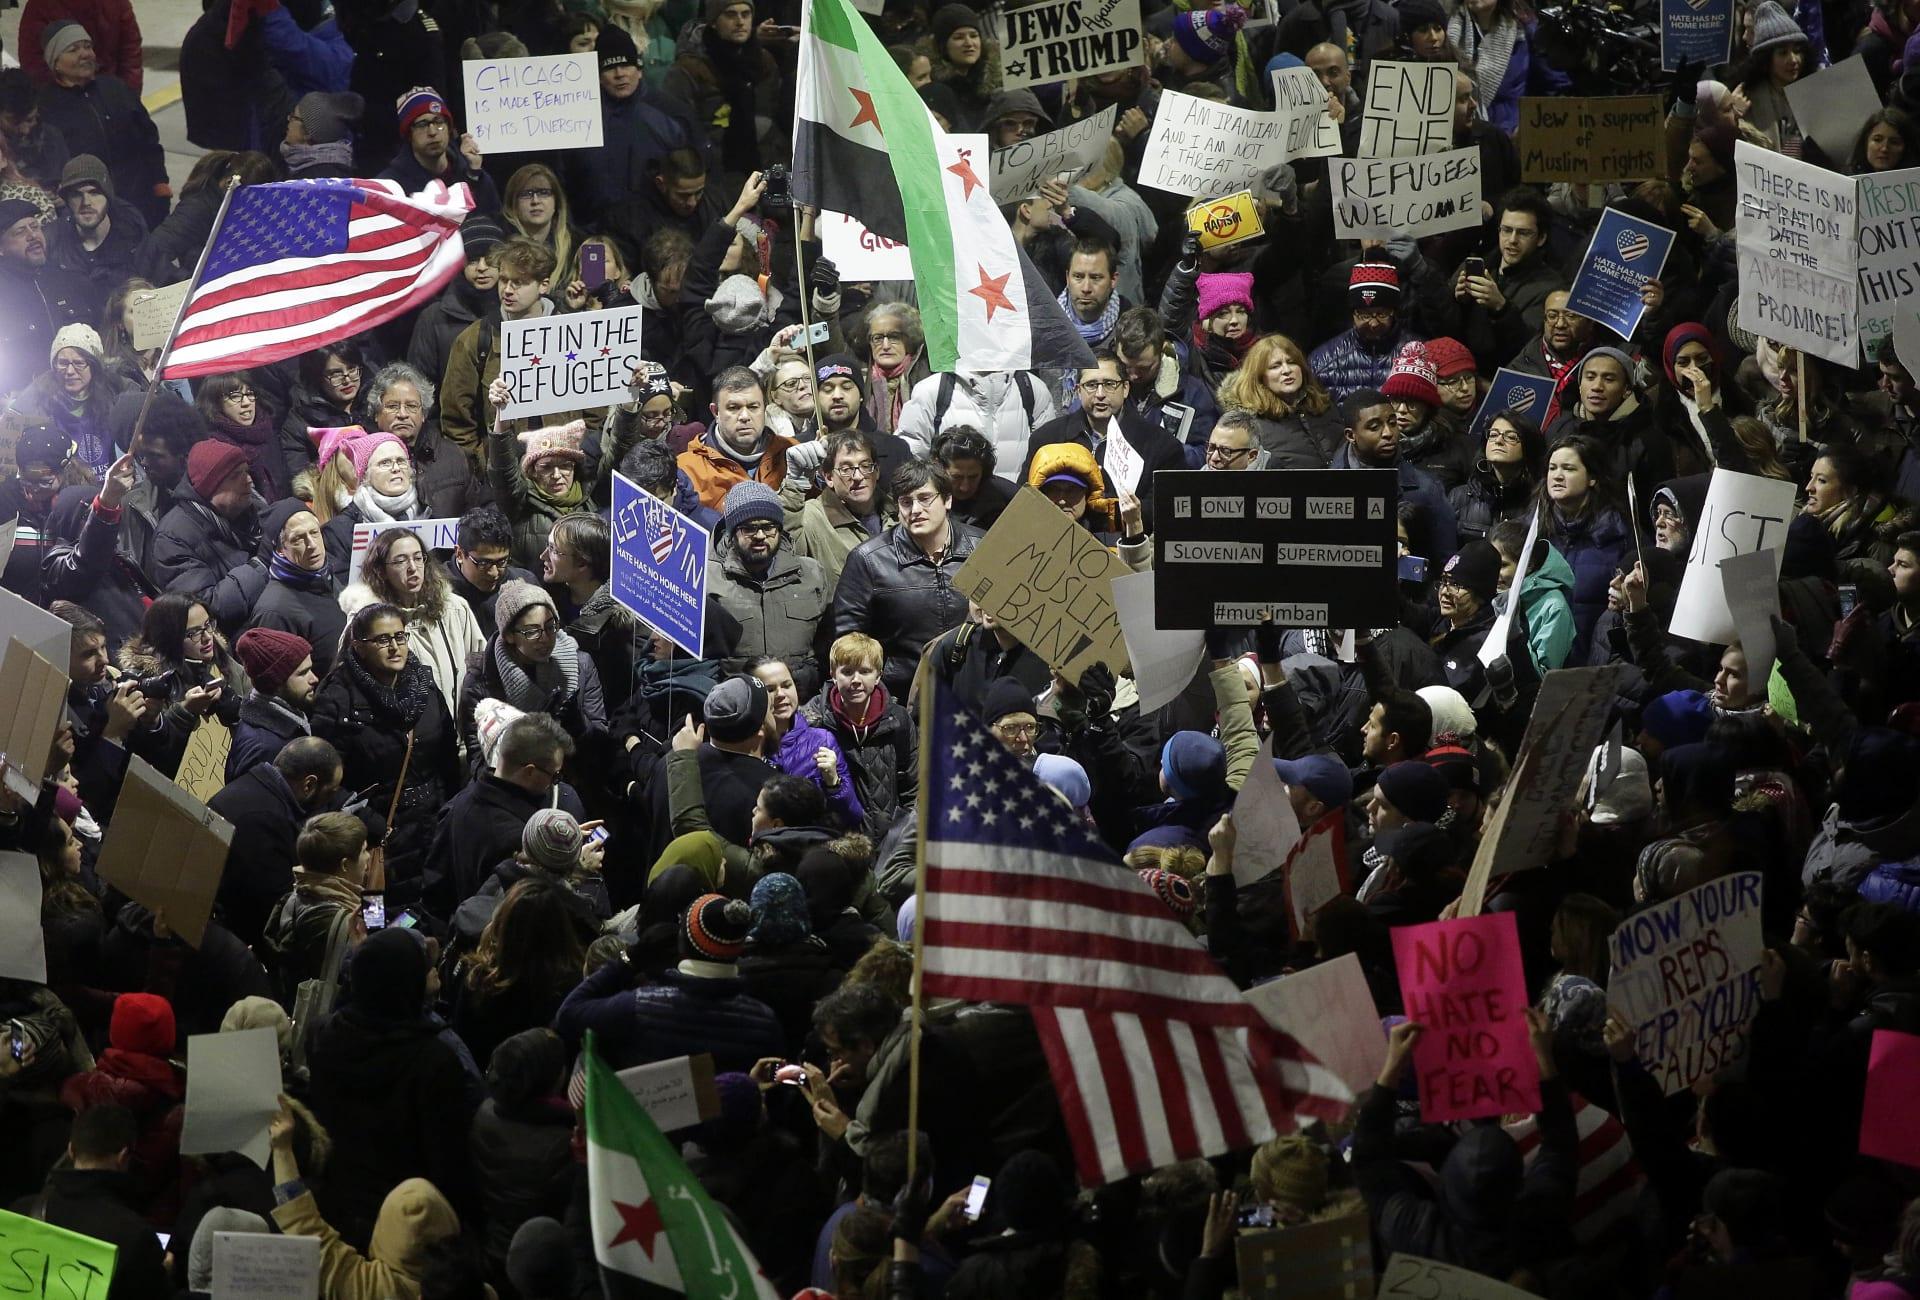 """الحشد الشعبي يطالب بحظر دخول الأمريكيين للعراق.. ومقتدى الصدر يرد على """"تعالي"""" ترامب"""